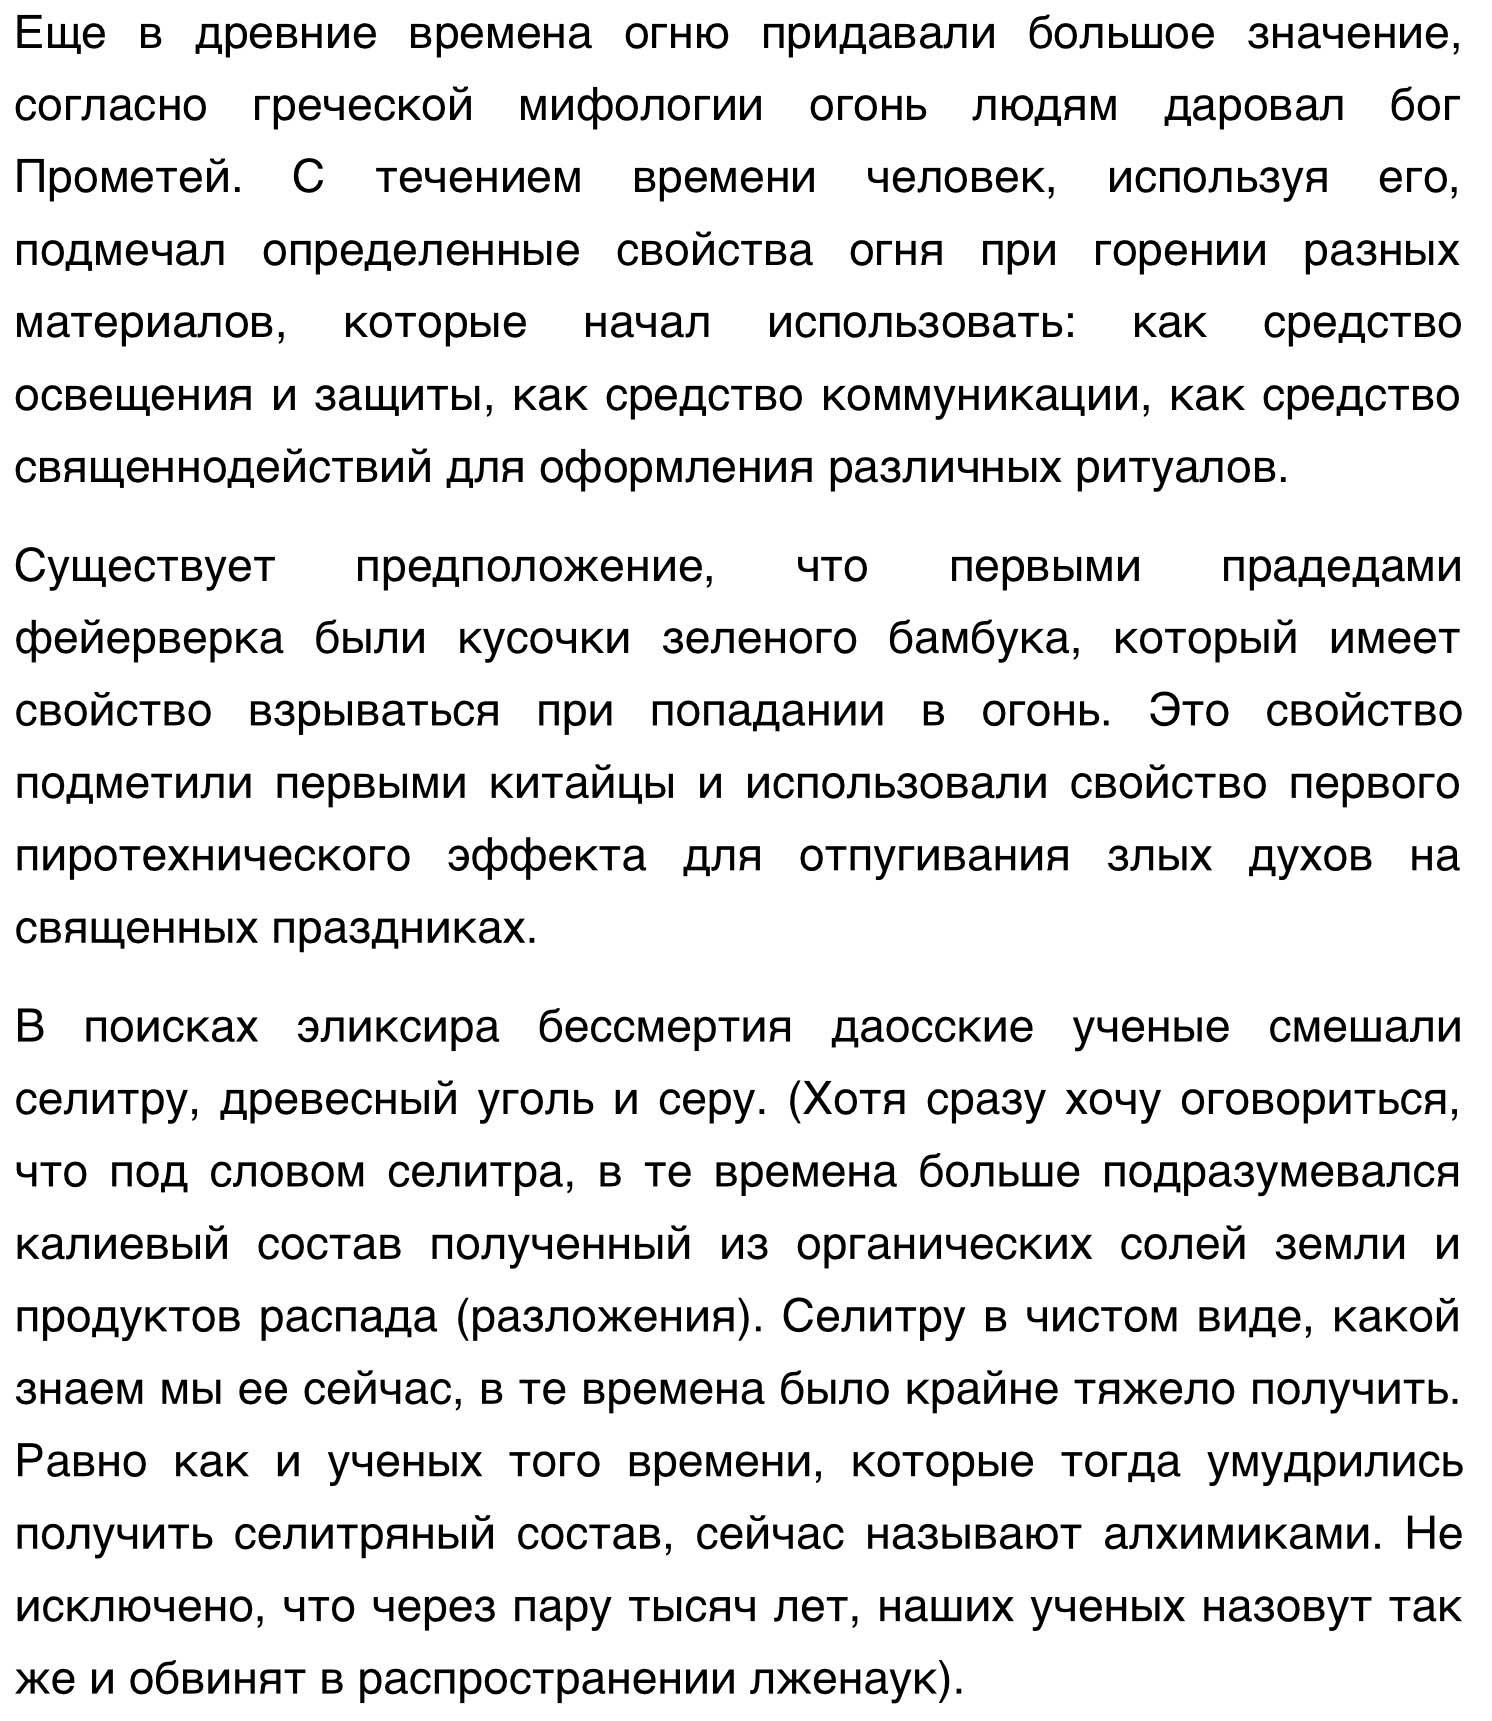 saliut-227